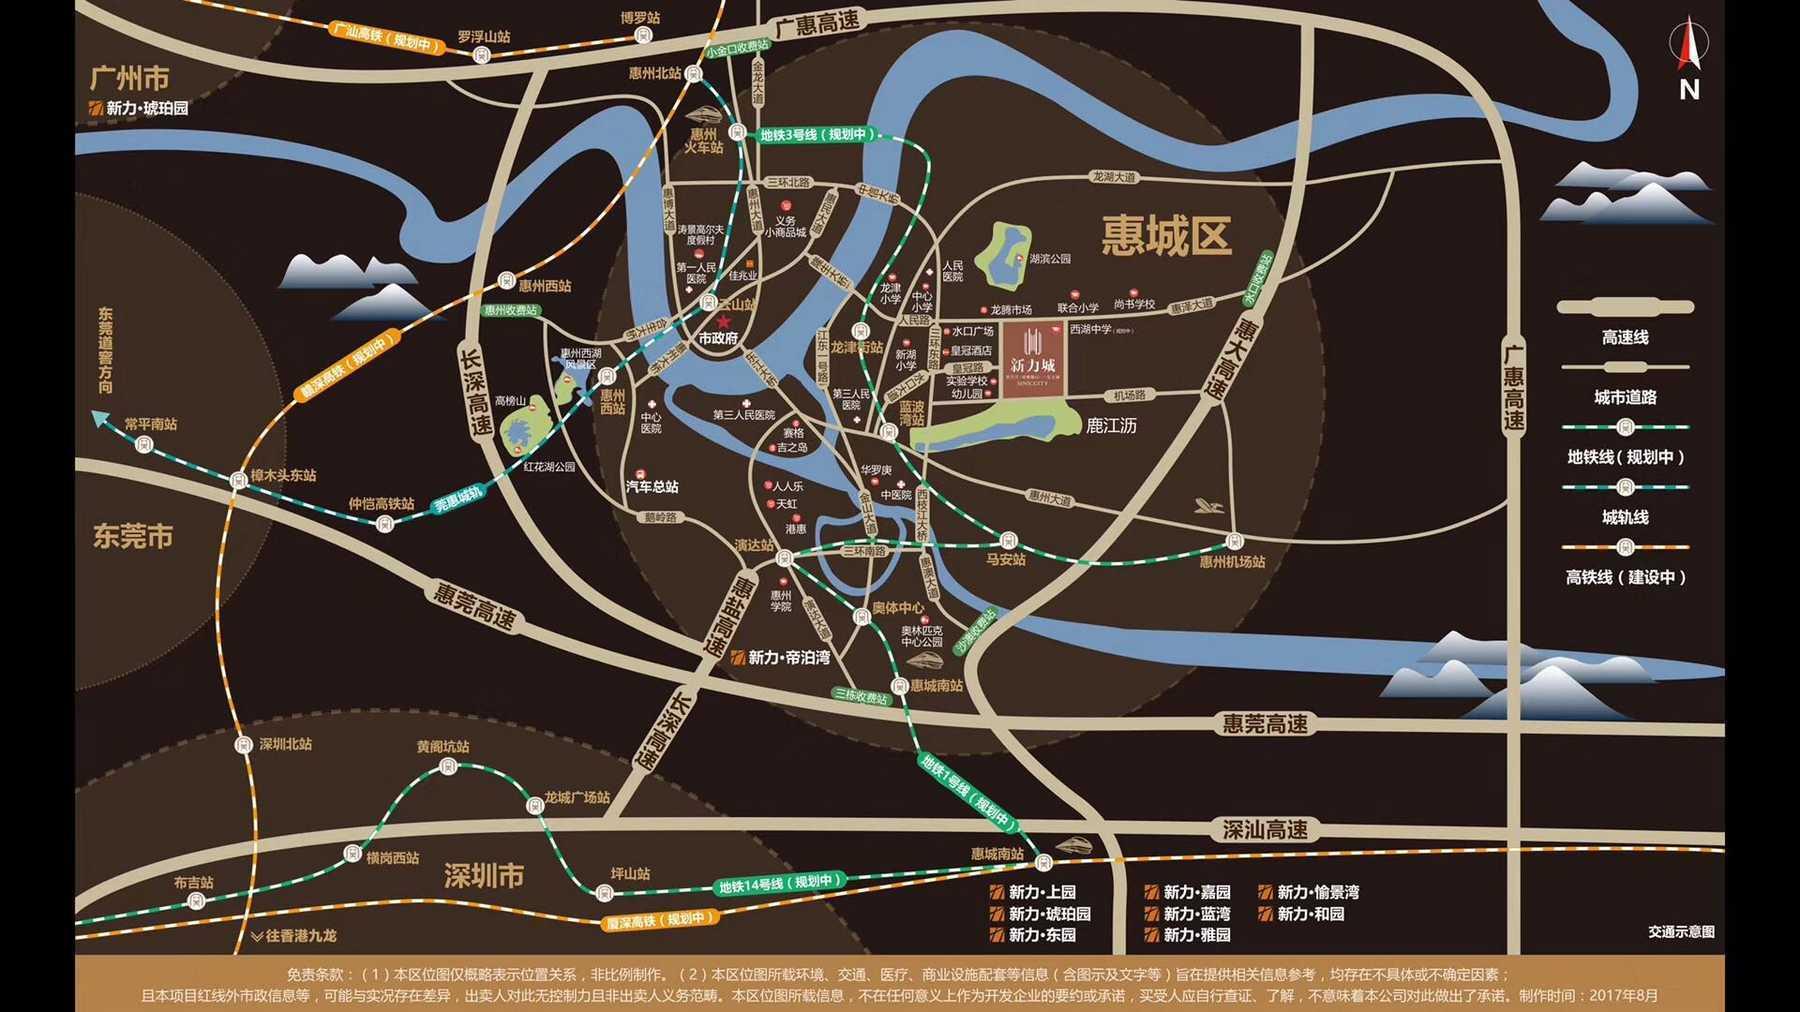 惠城区新力城楼盘位置和交通配套图